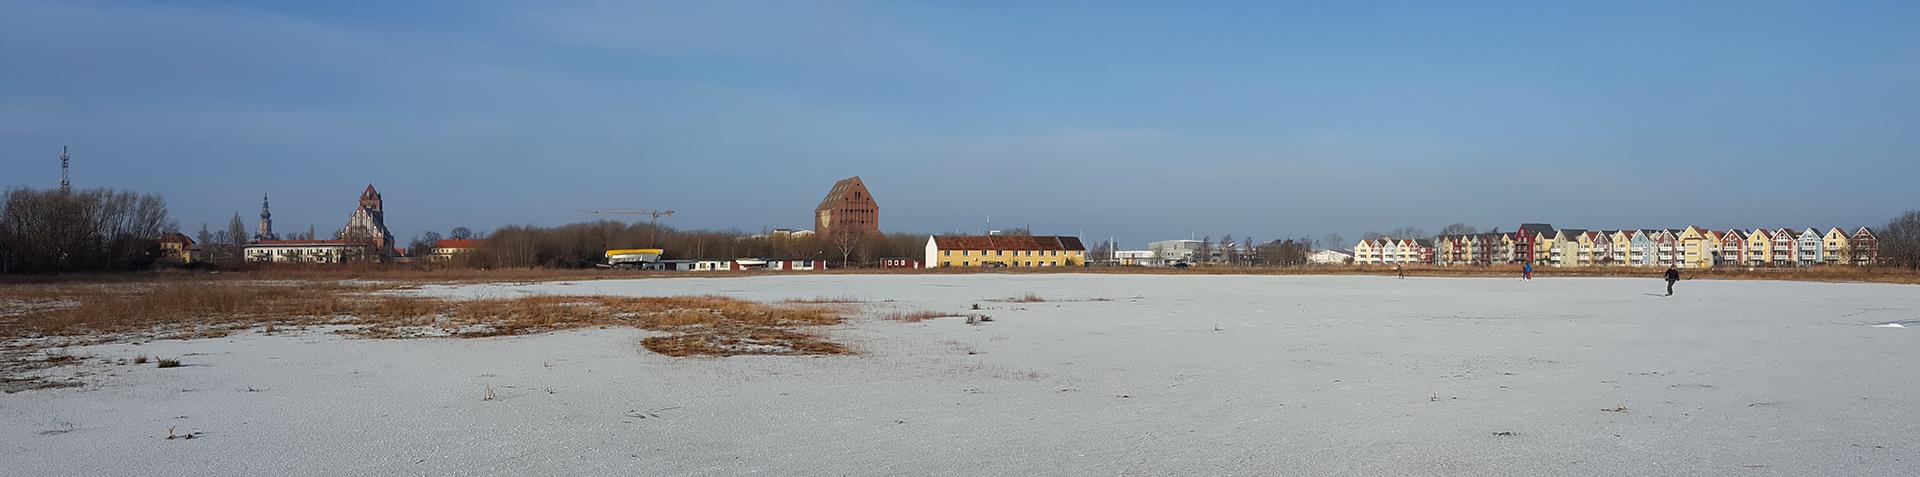 Eisfläche an der Hafenstraße in Greifswald